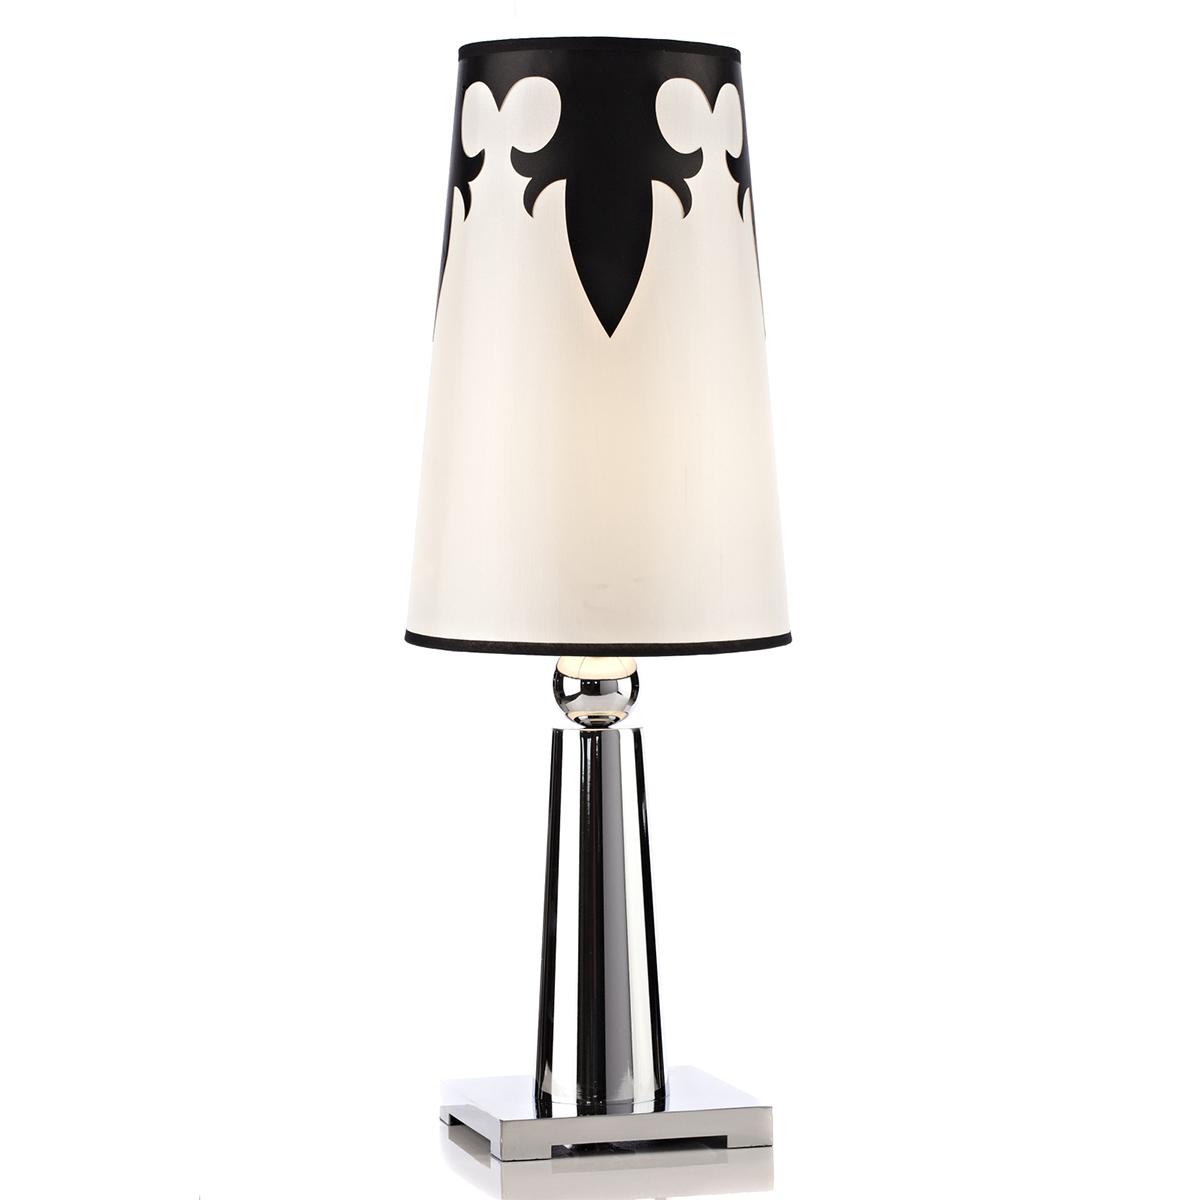 Настольная лампа AtlanticНастольные лампы<br>Настольная лампа Atlantic не просто дает мягкий <br>свет, но и служит в качестве элемента декора. <br>Особенно эффектно такая модель будет смотреться <br>на столе лаконичной формы белого или чёрного <br>цвета, потому что и сама лампа выполнена <br>в чёрно-белой гамме. Основание и ножка лампы <br>сделаны из хромированного металла, абажур <br>— из ткани и украшен фигурными узорами.<br><br>Цвет: Белый, Чёрный, Серебро<br>Материал: Ткань, Металл<br>Вес кг: 3,7<br>Длина см: 25<br>Ширина см: 25<br>Высота см: 70